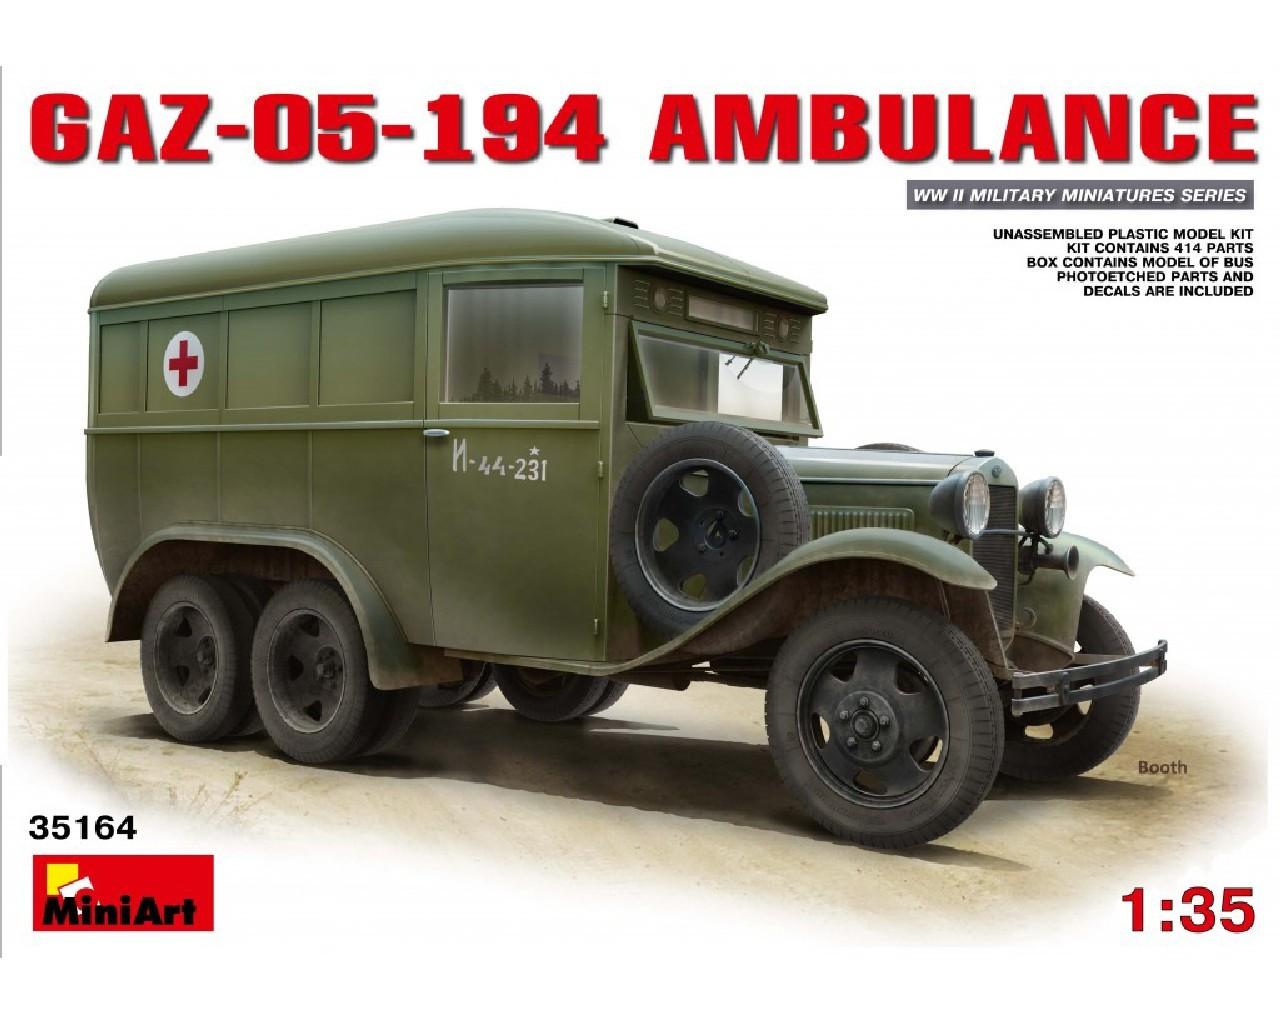 1/35 GAZ-05-194 Ambulance